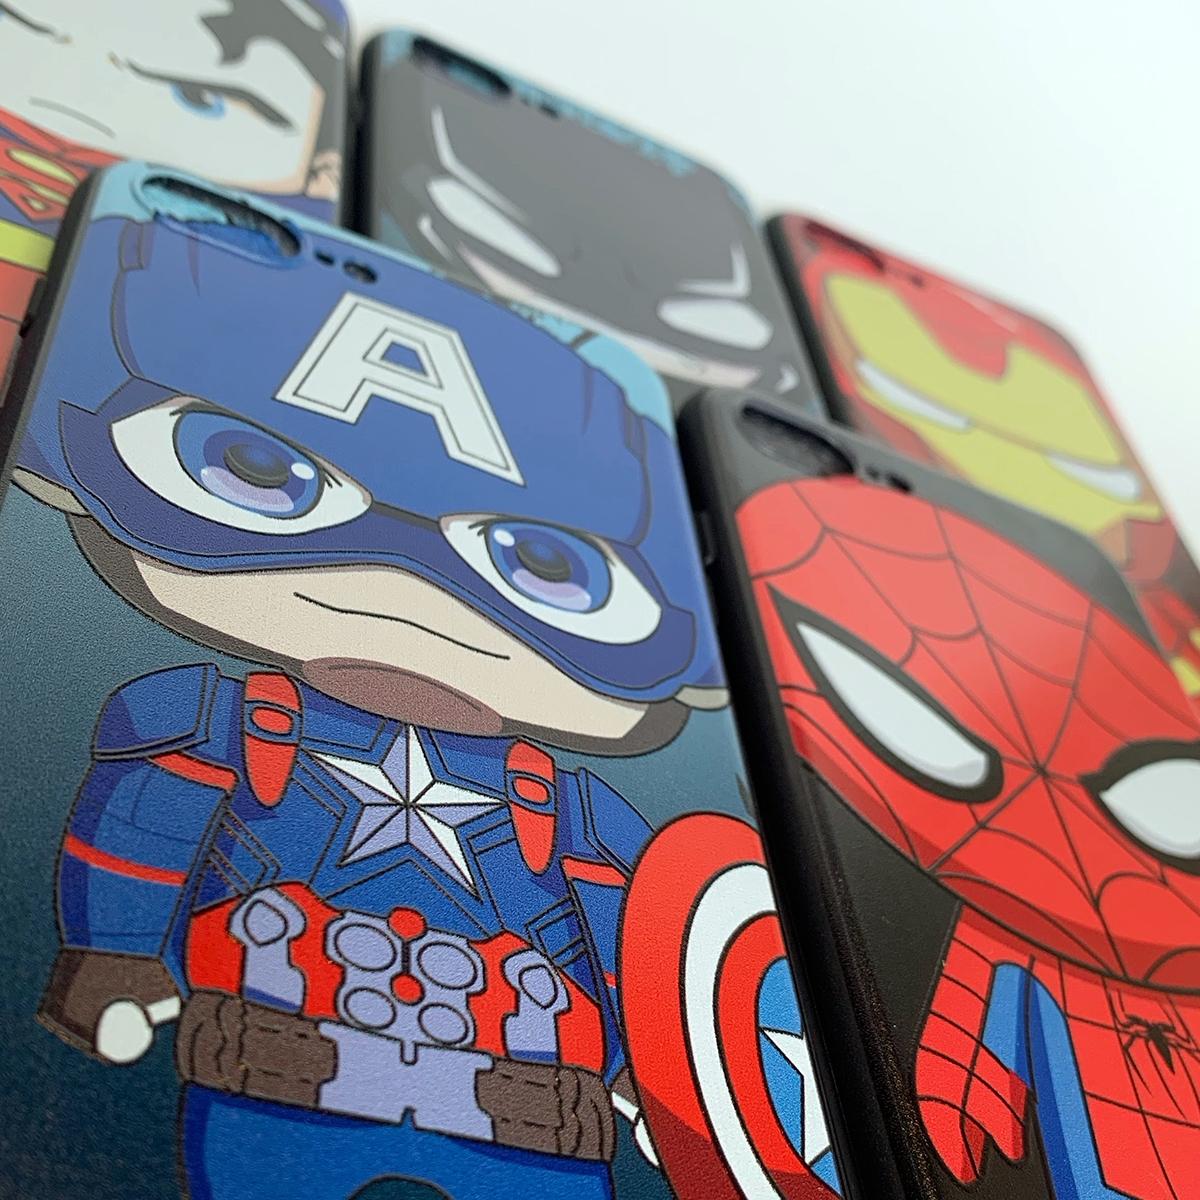 ốp lưng siêu anh hùng siêu nhân người nhện người dơi chibi cho iphone